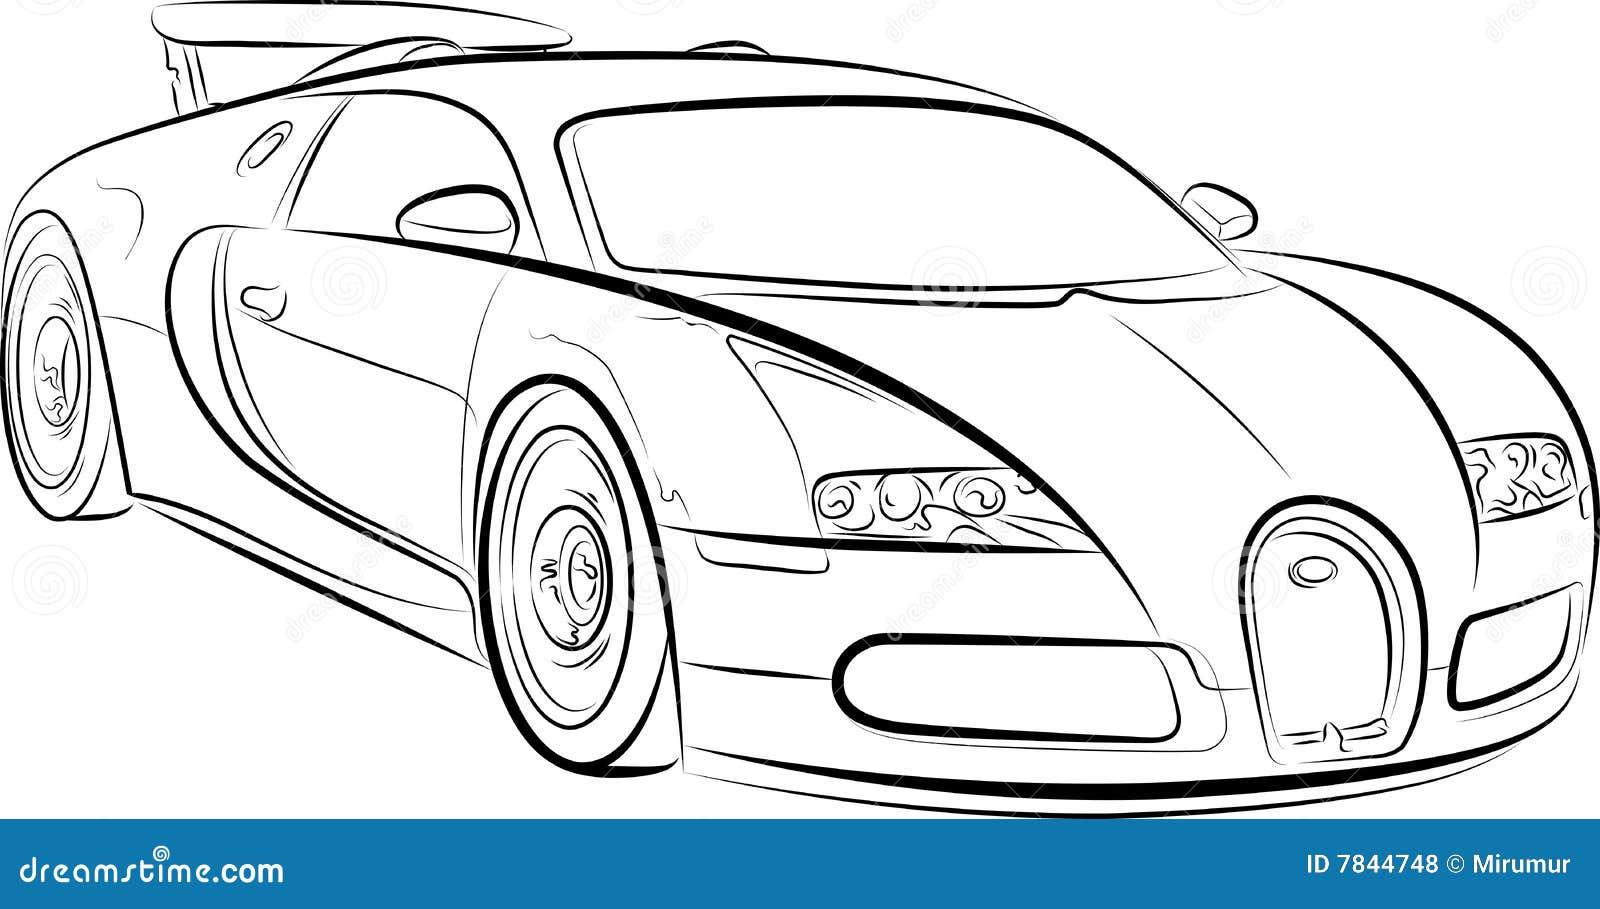 Tekening van de auto vector illustratie. Afbeelding ...